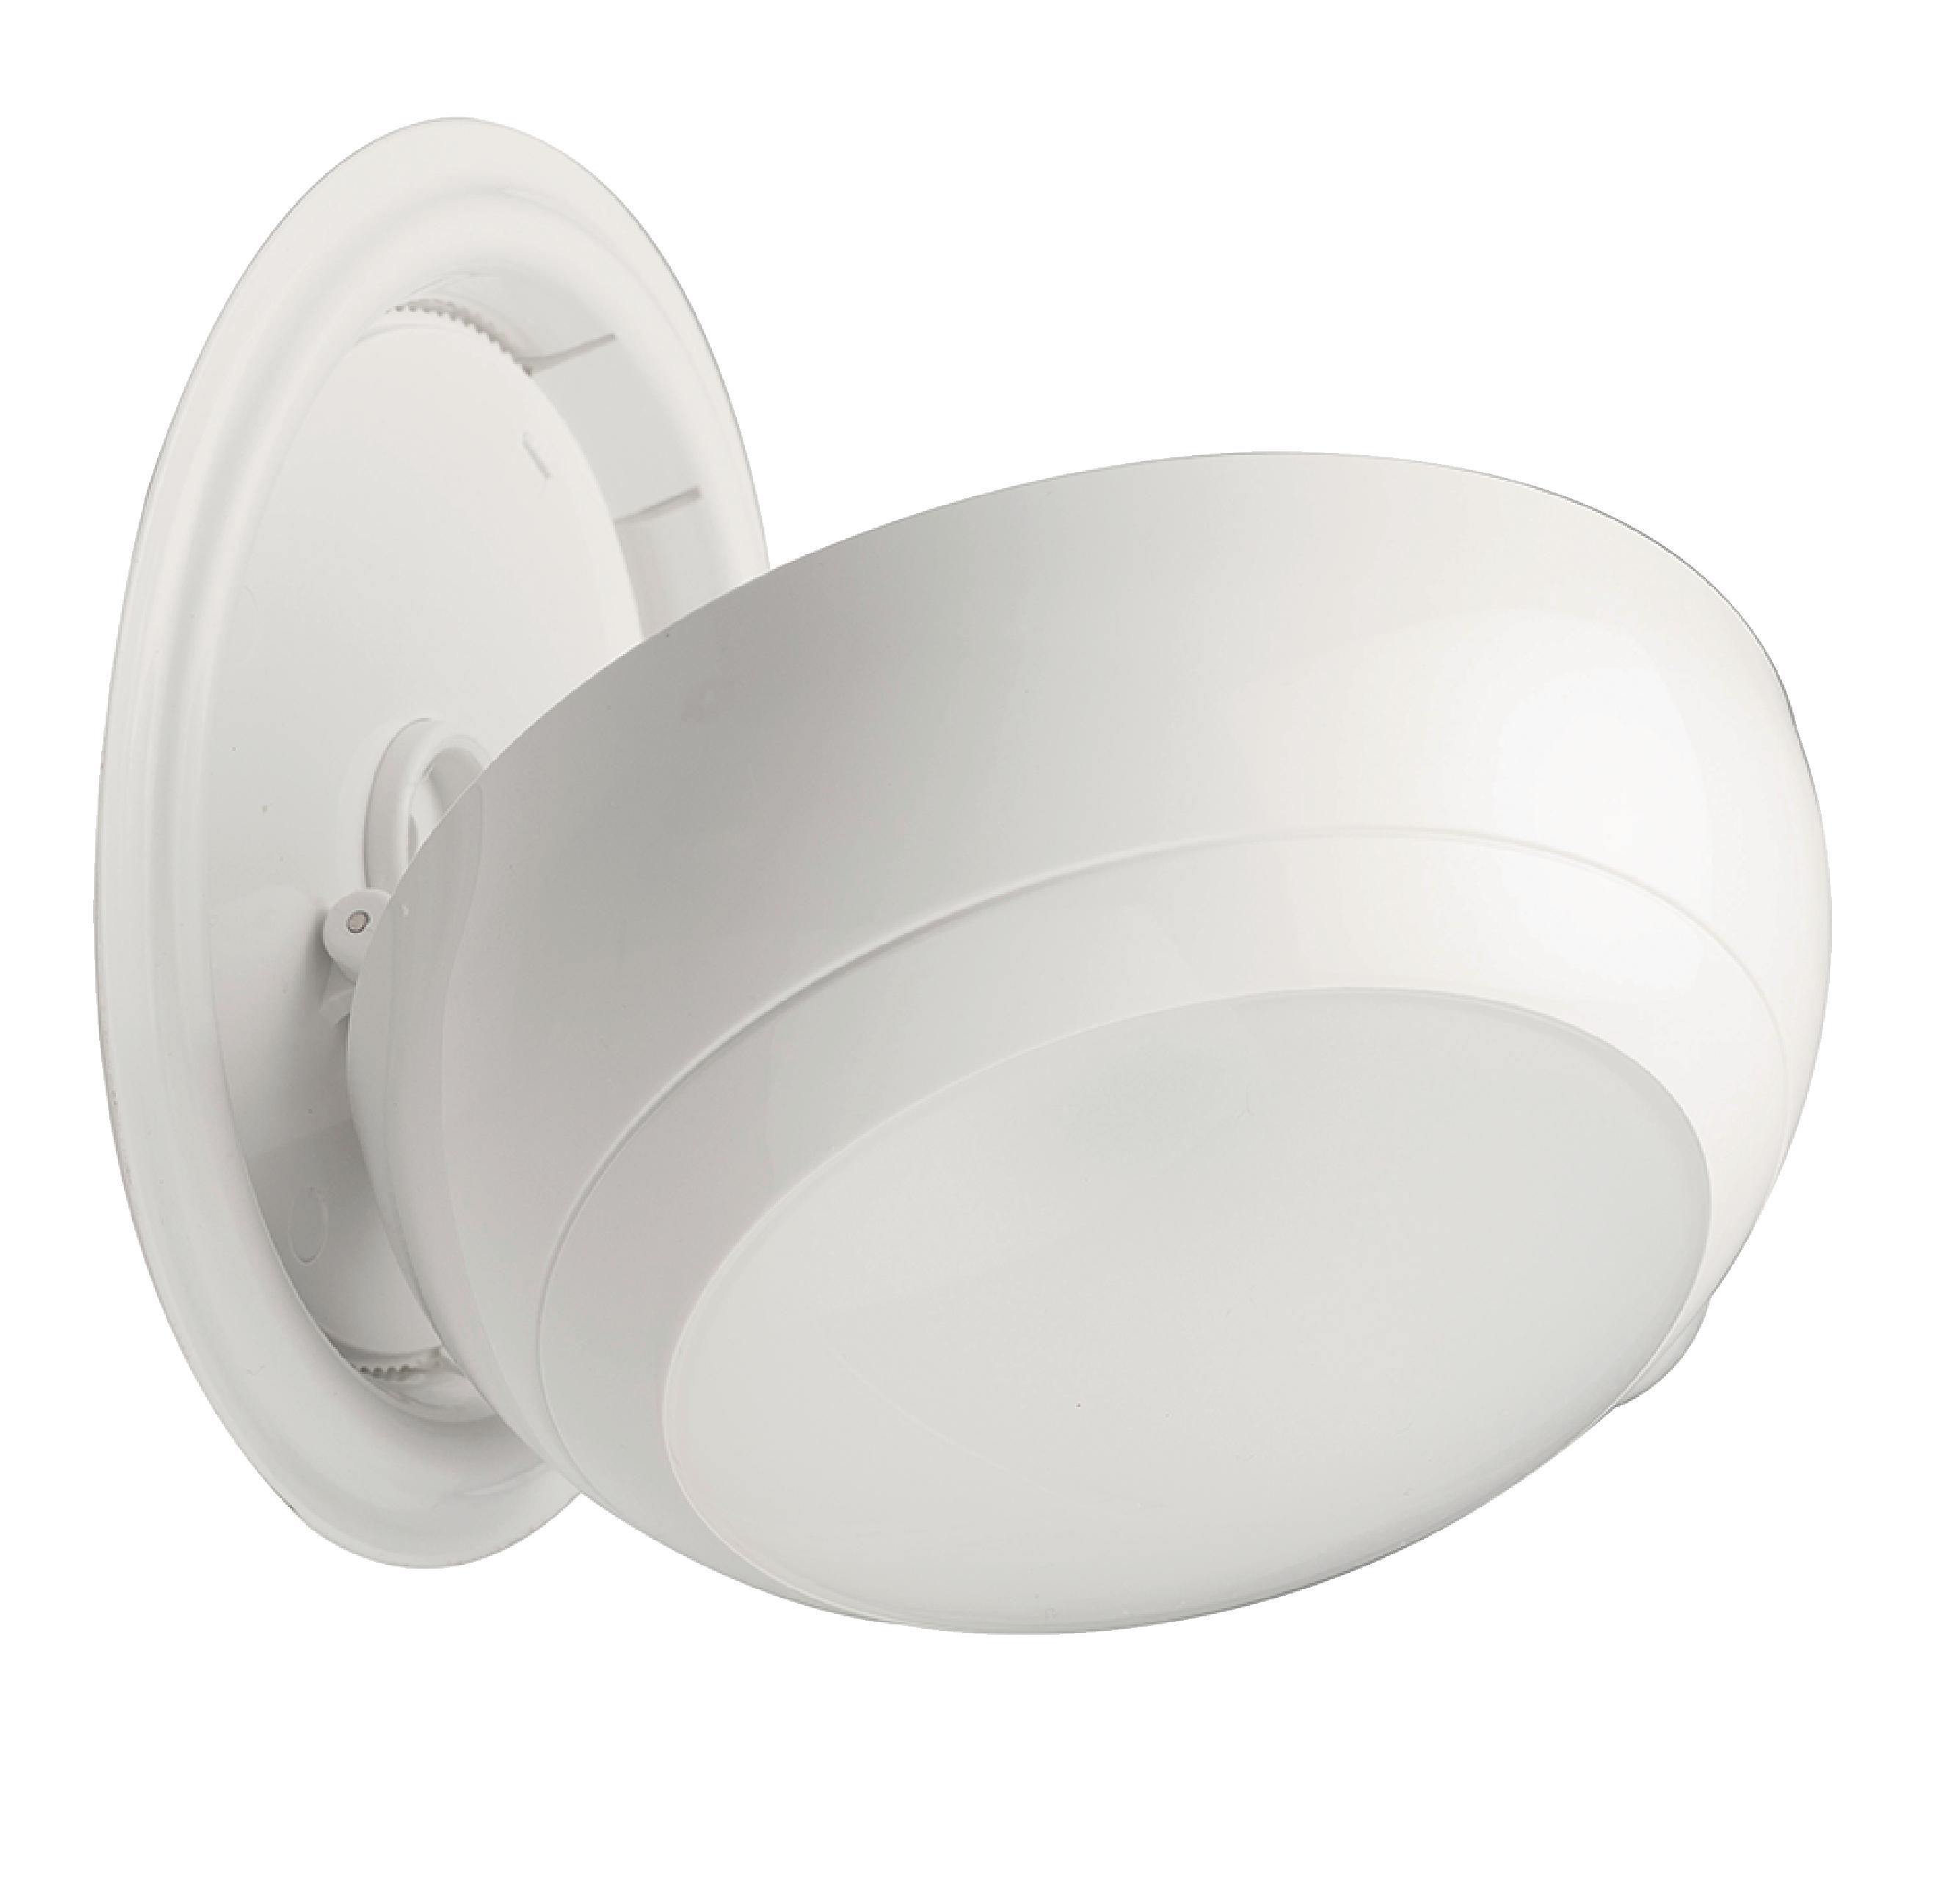 Luz led con sensor de movimiento y 3 modos de iluminaci n djmania - Sensores de movimiento para iluminacion ...